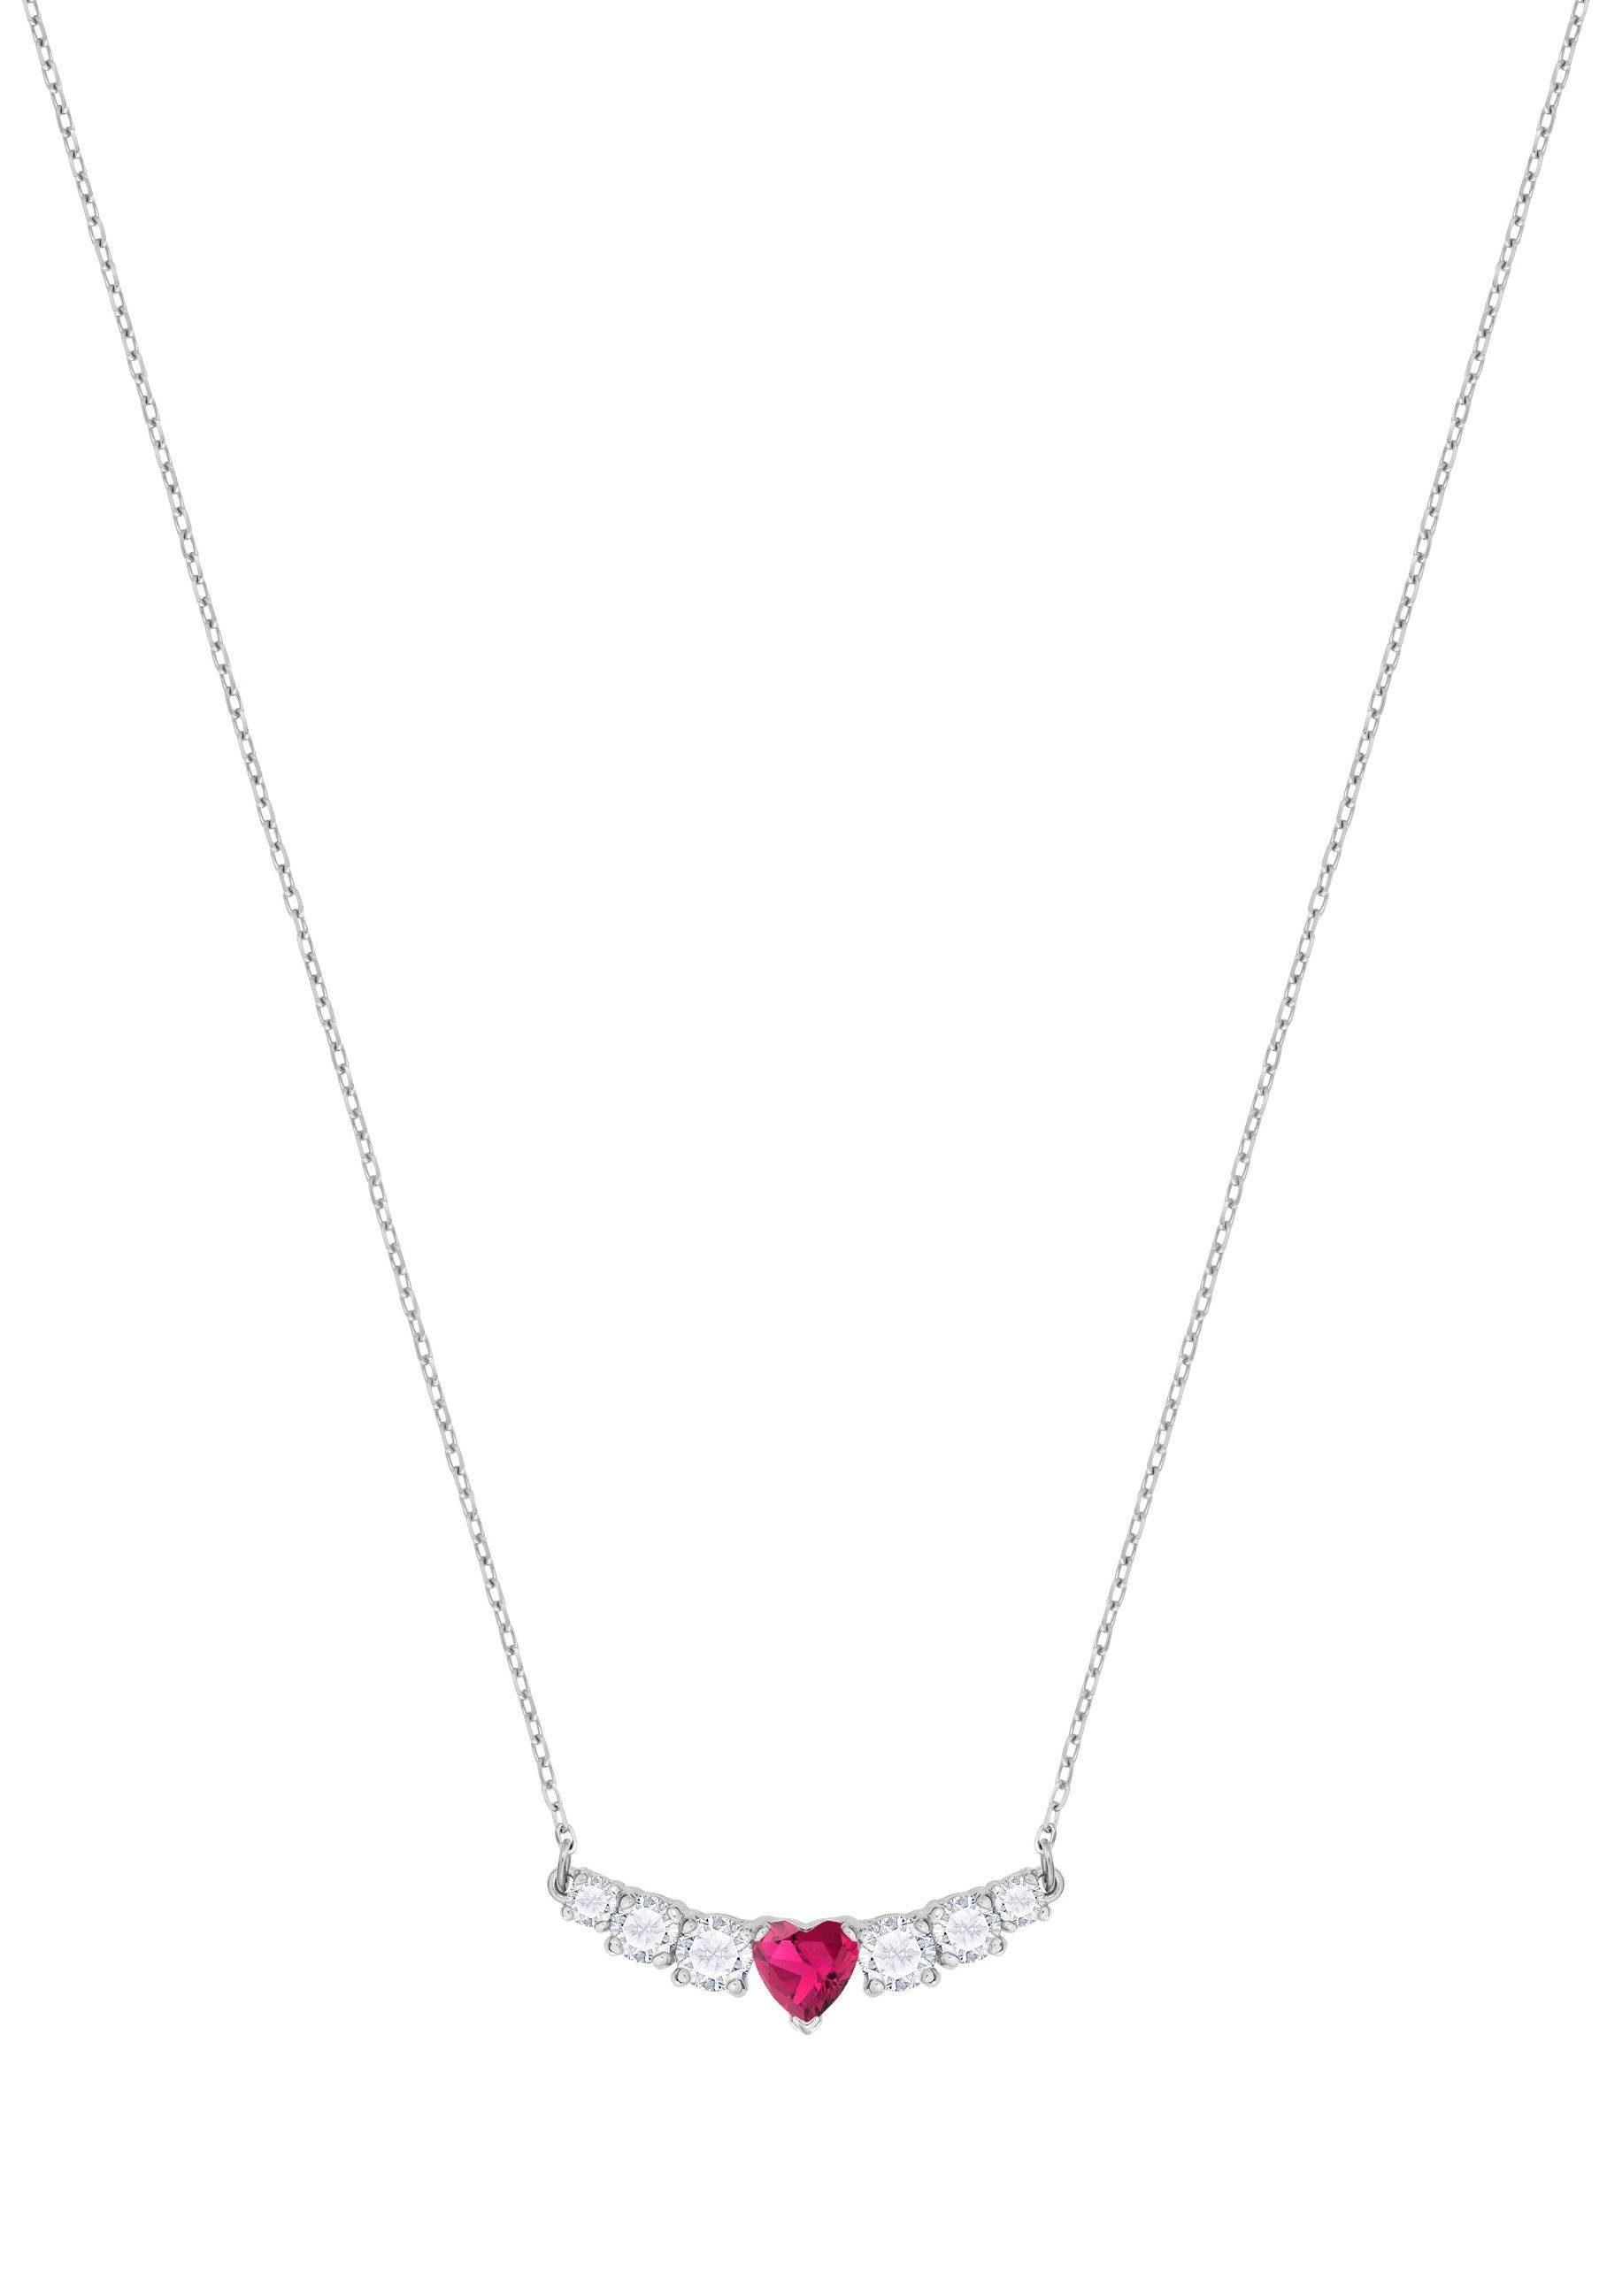 Swarovski Kette mit Anhänger »Herz, Love Halskette, weiss, rhodiniert, 5408434« mit Swarovski® Kristallen